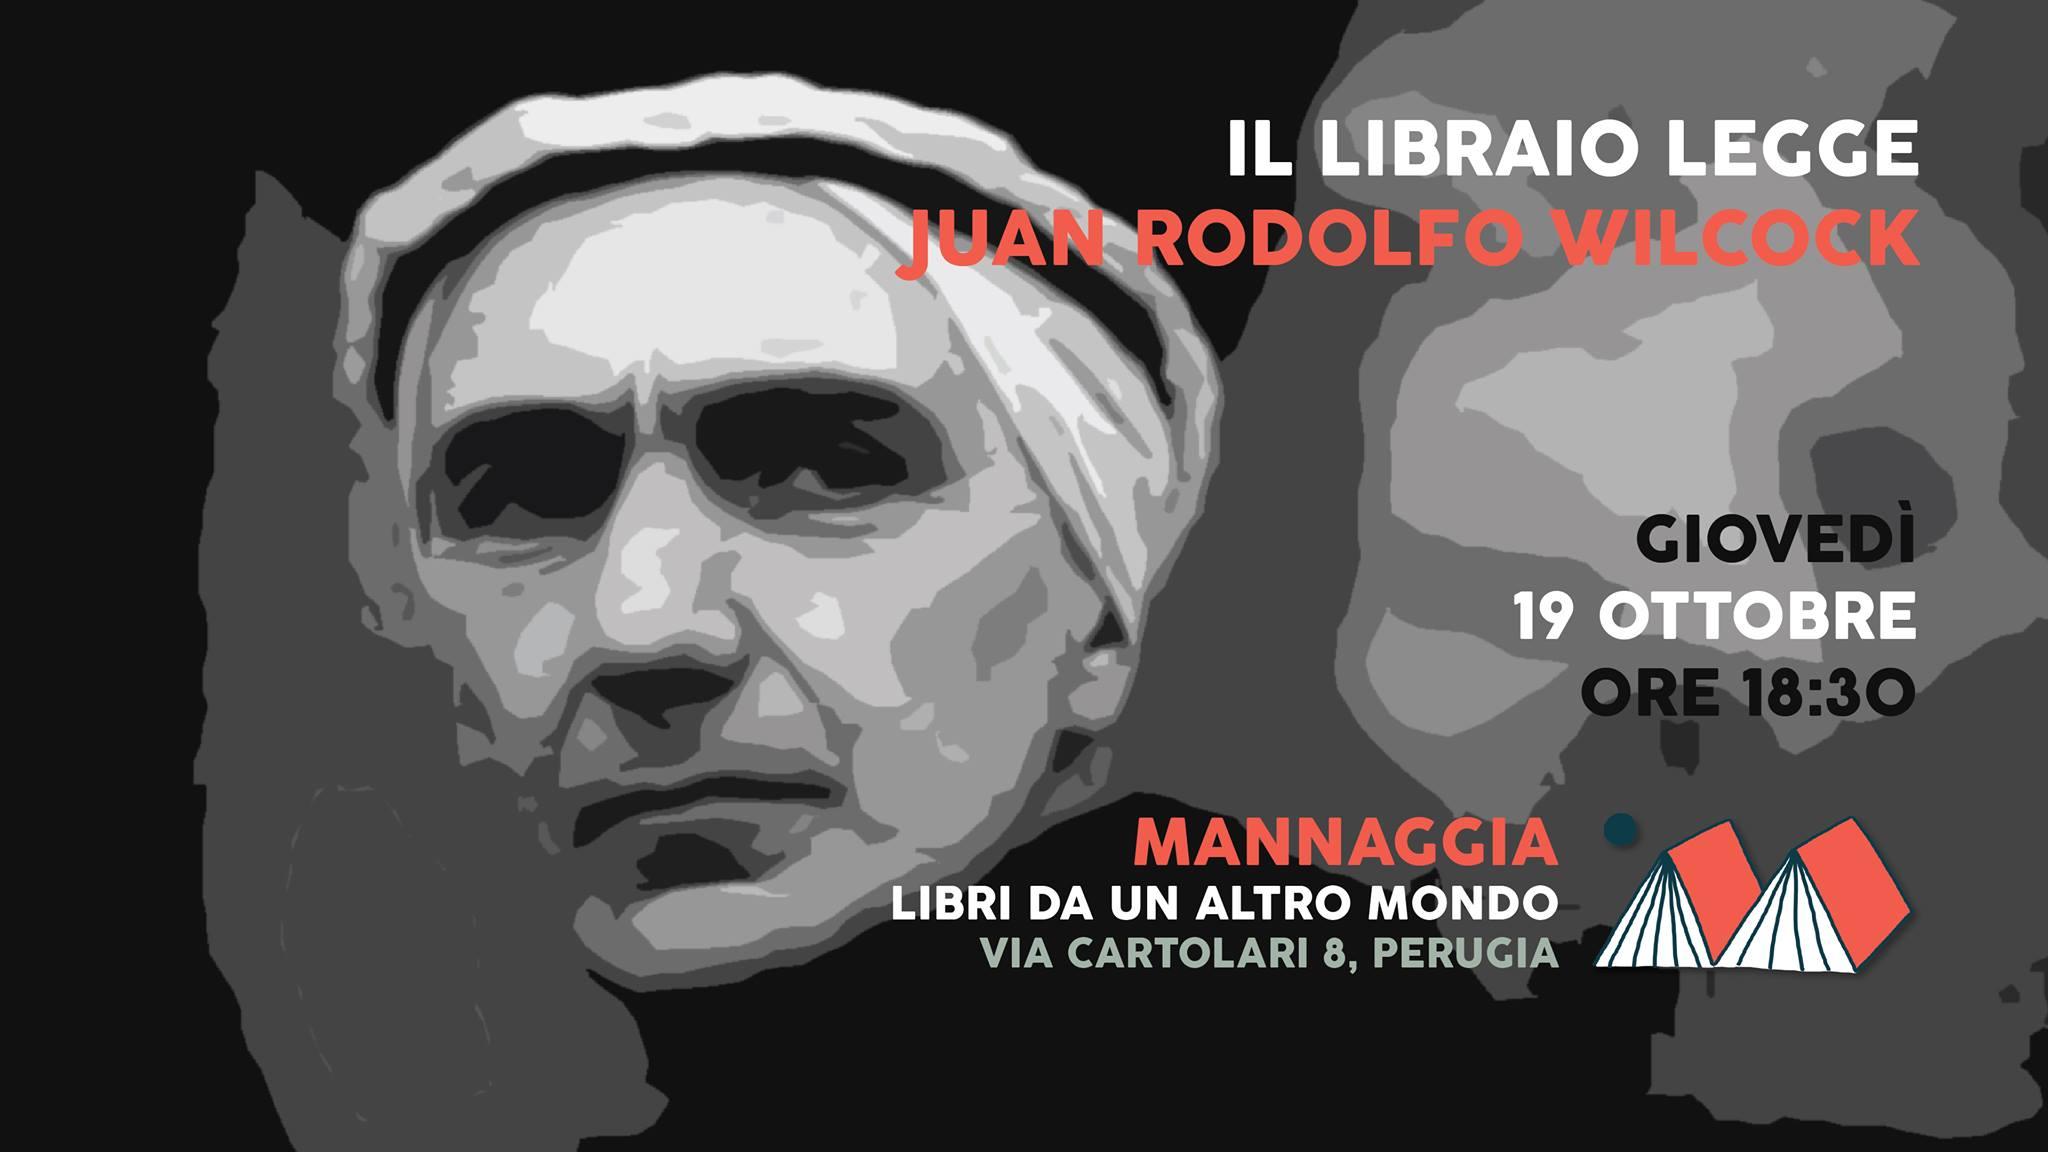 Il libraio legge Juan Rodolfo Wilcock